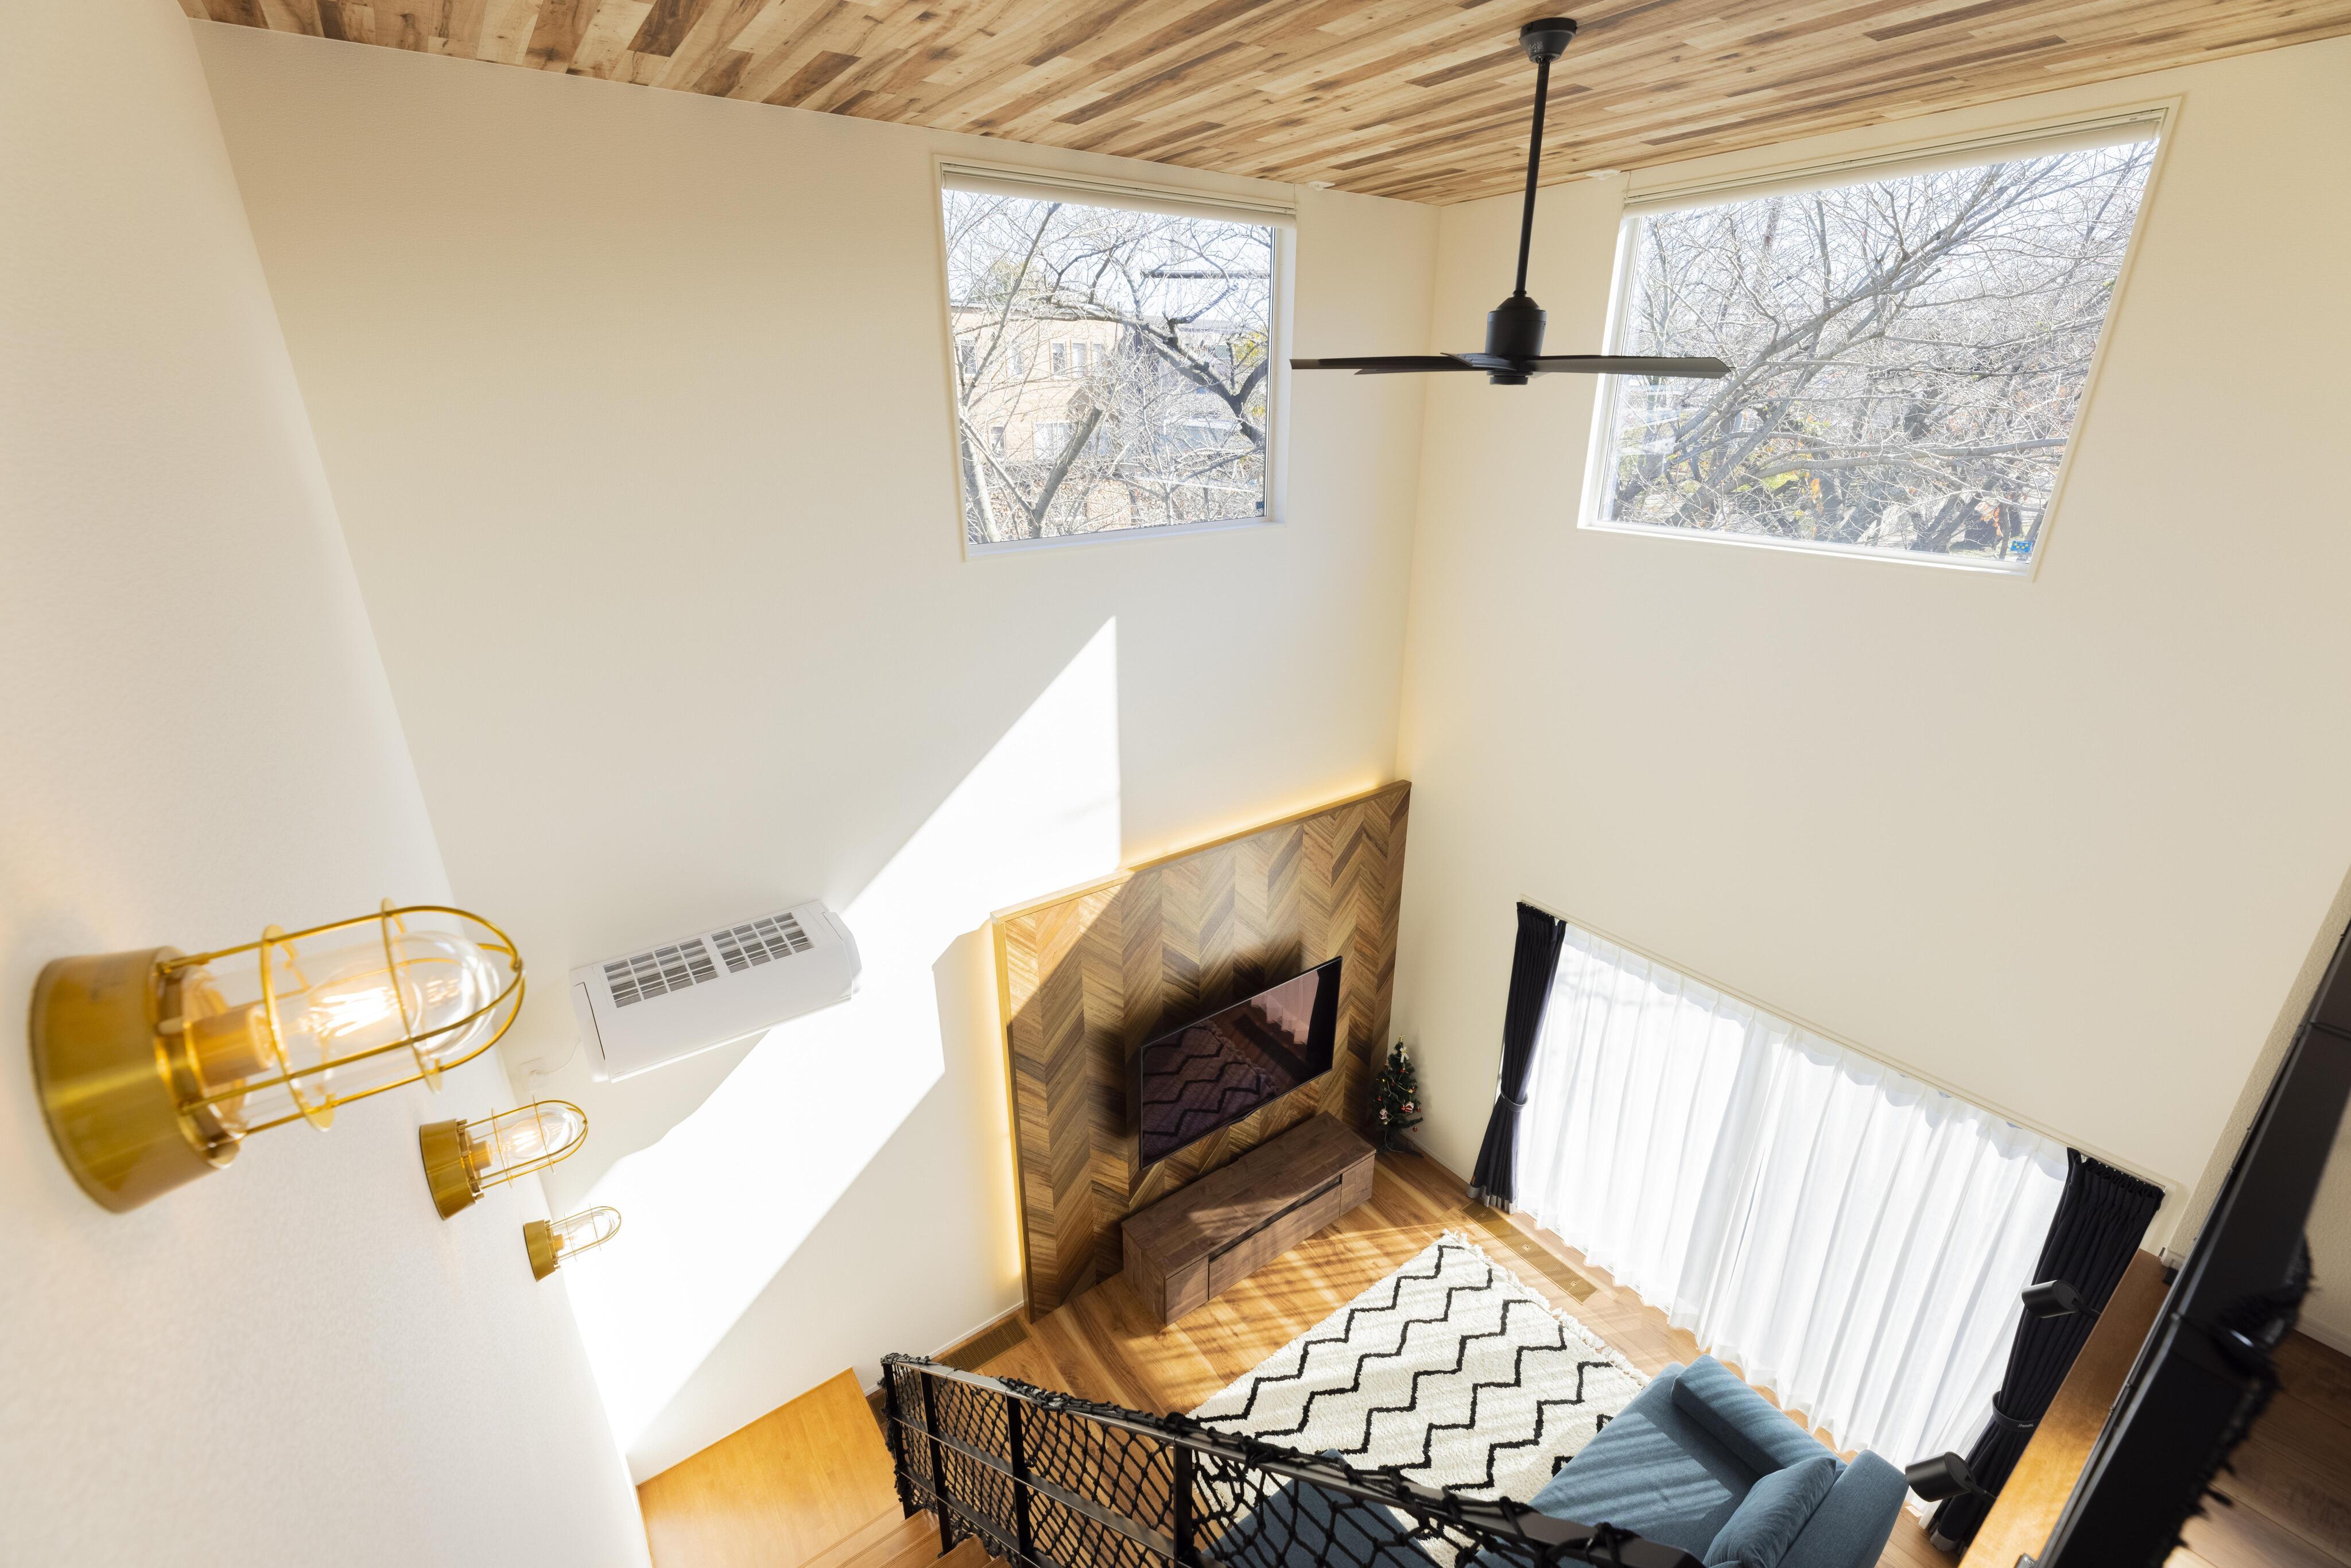 天井には木目のクロスをあしらい、落ち着いたトーンの空間に